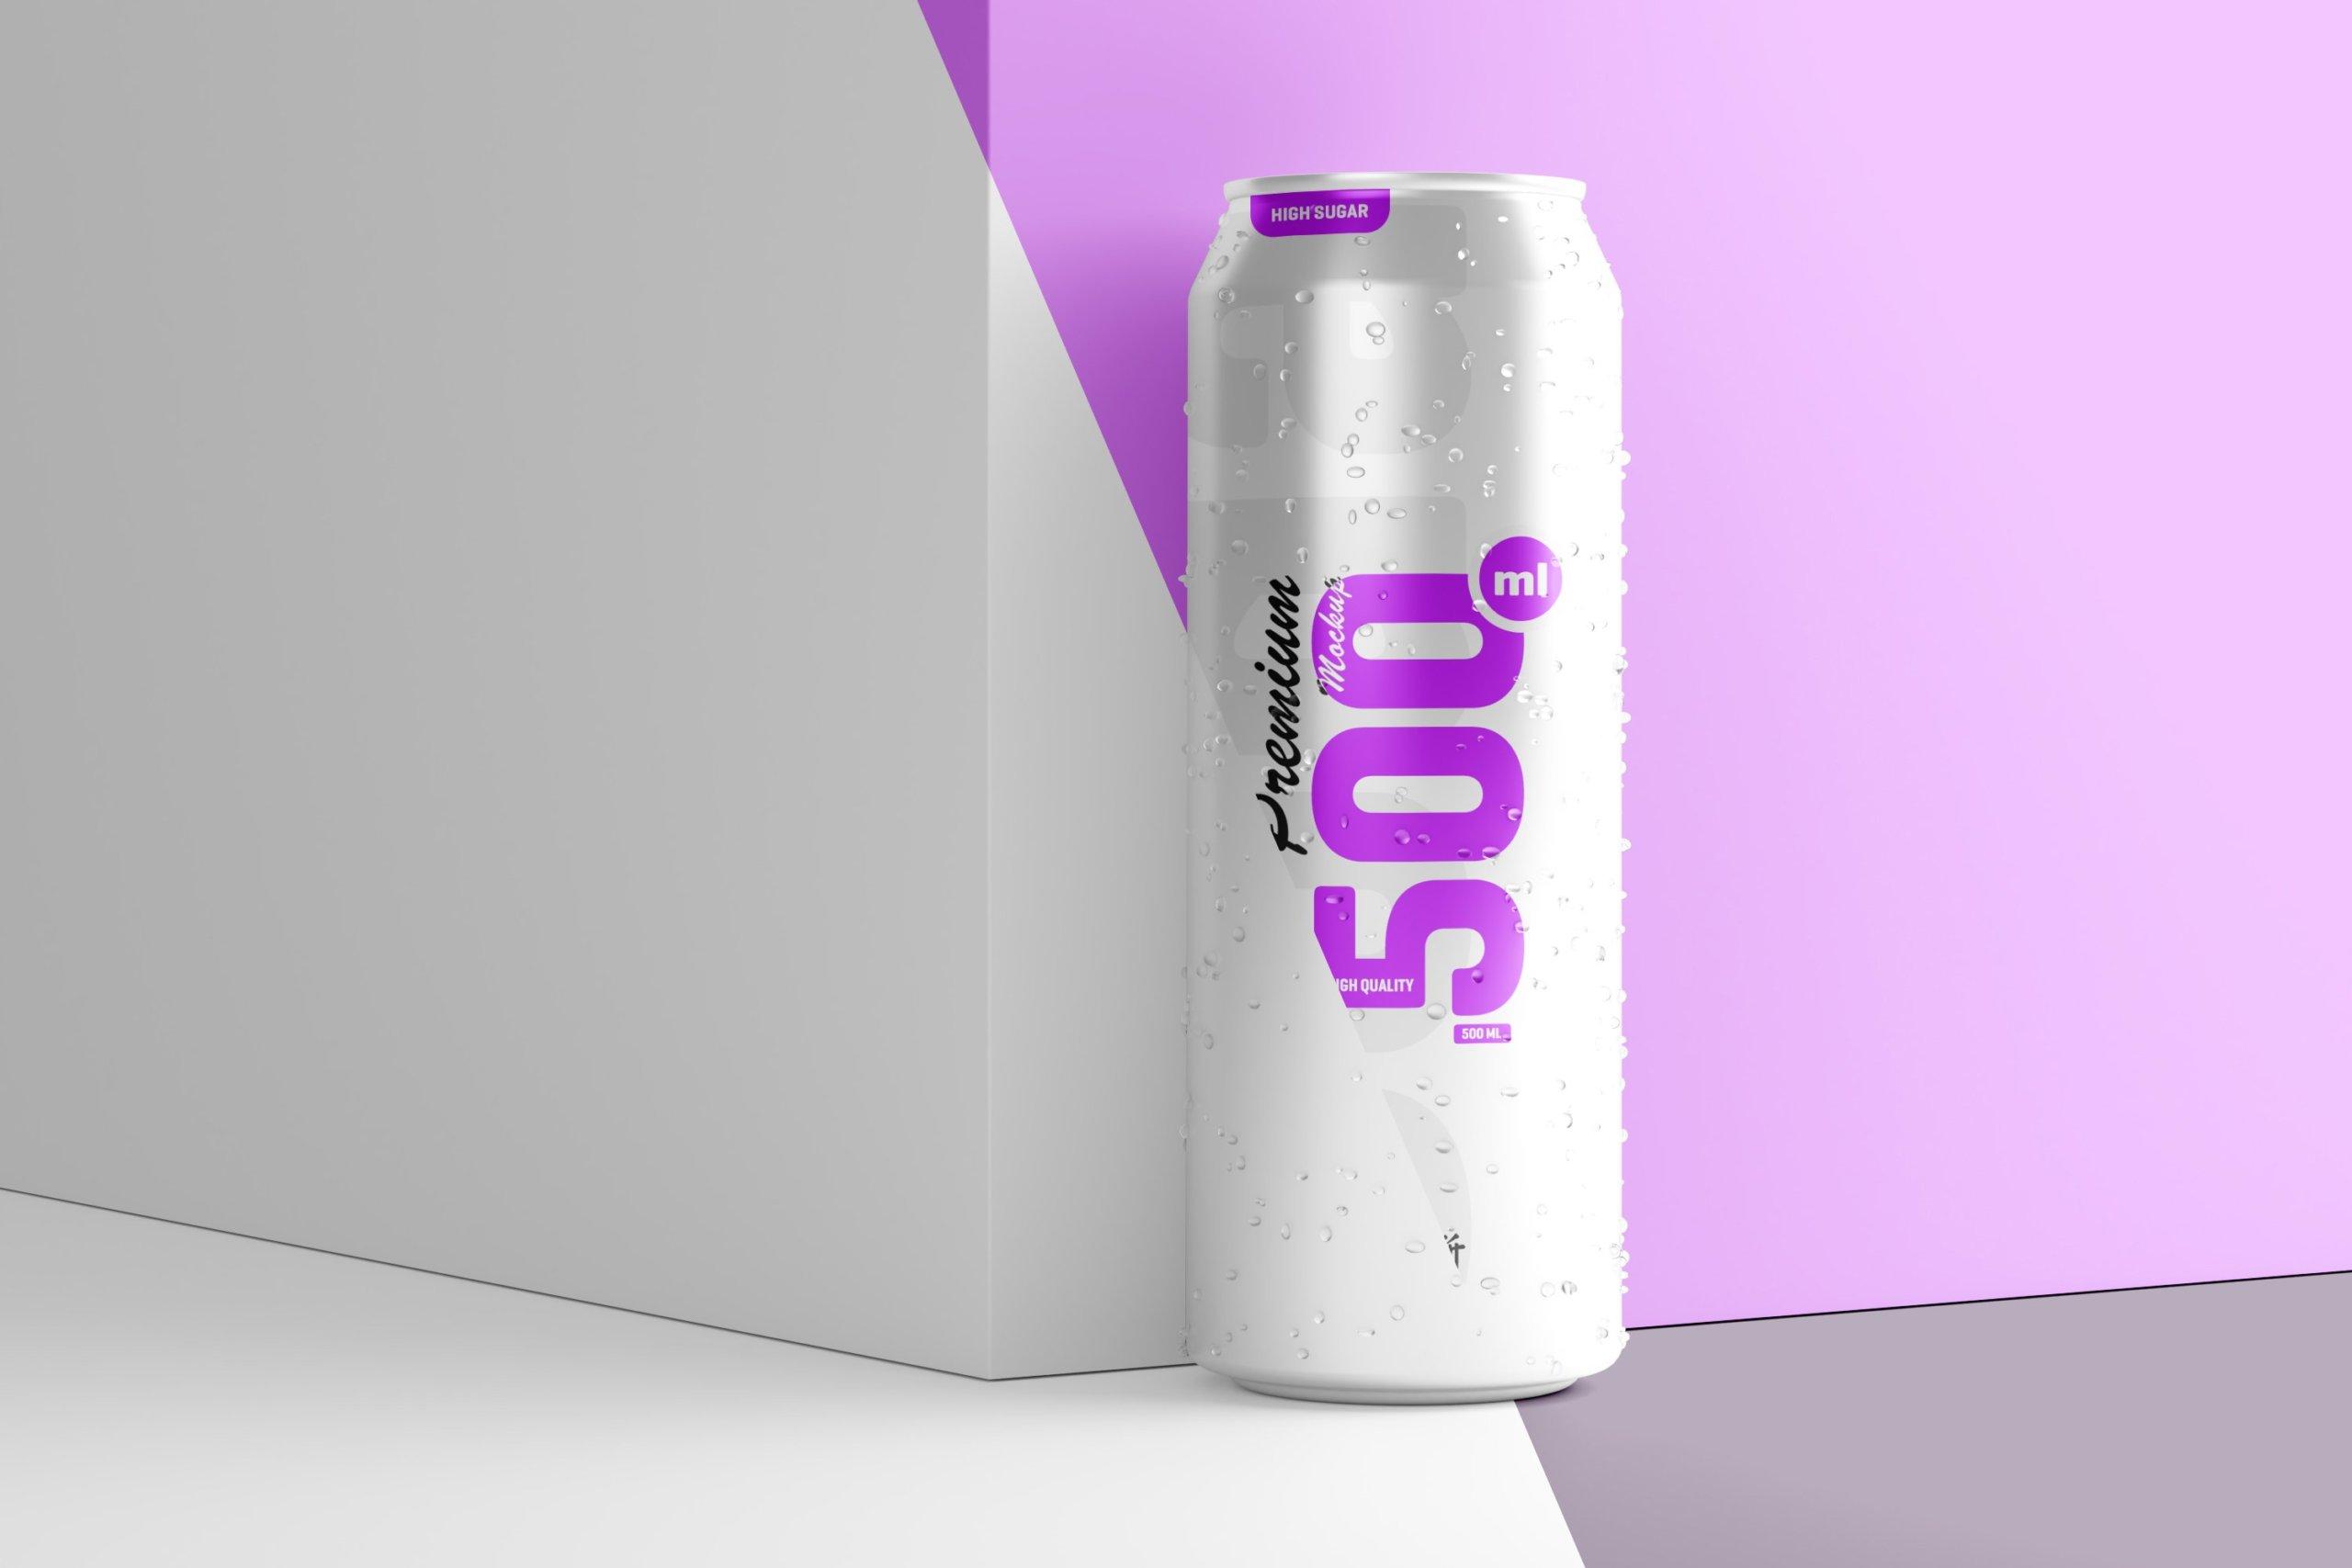 10款500毫升啤酒苏打水饮料锡罐易拉罐PS贴图样机素材 500ml Soda Can Mockup插图1